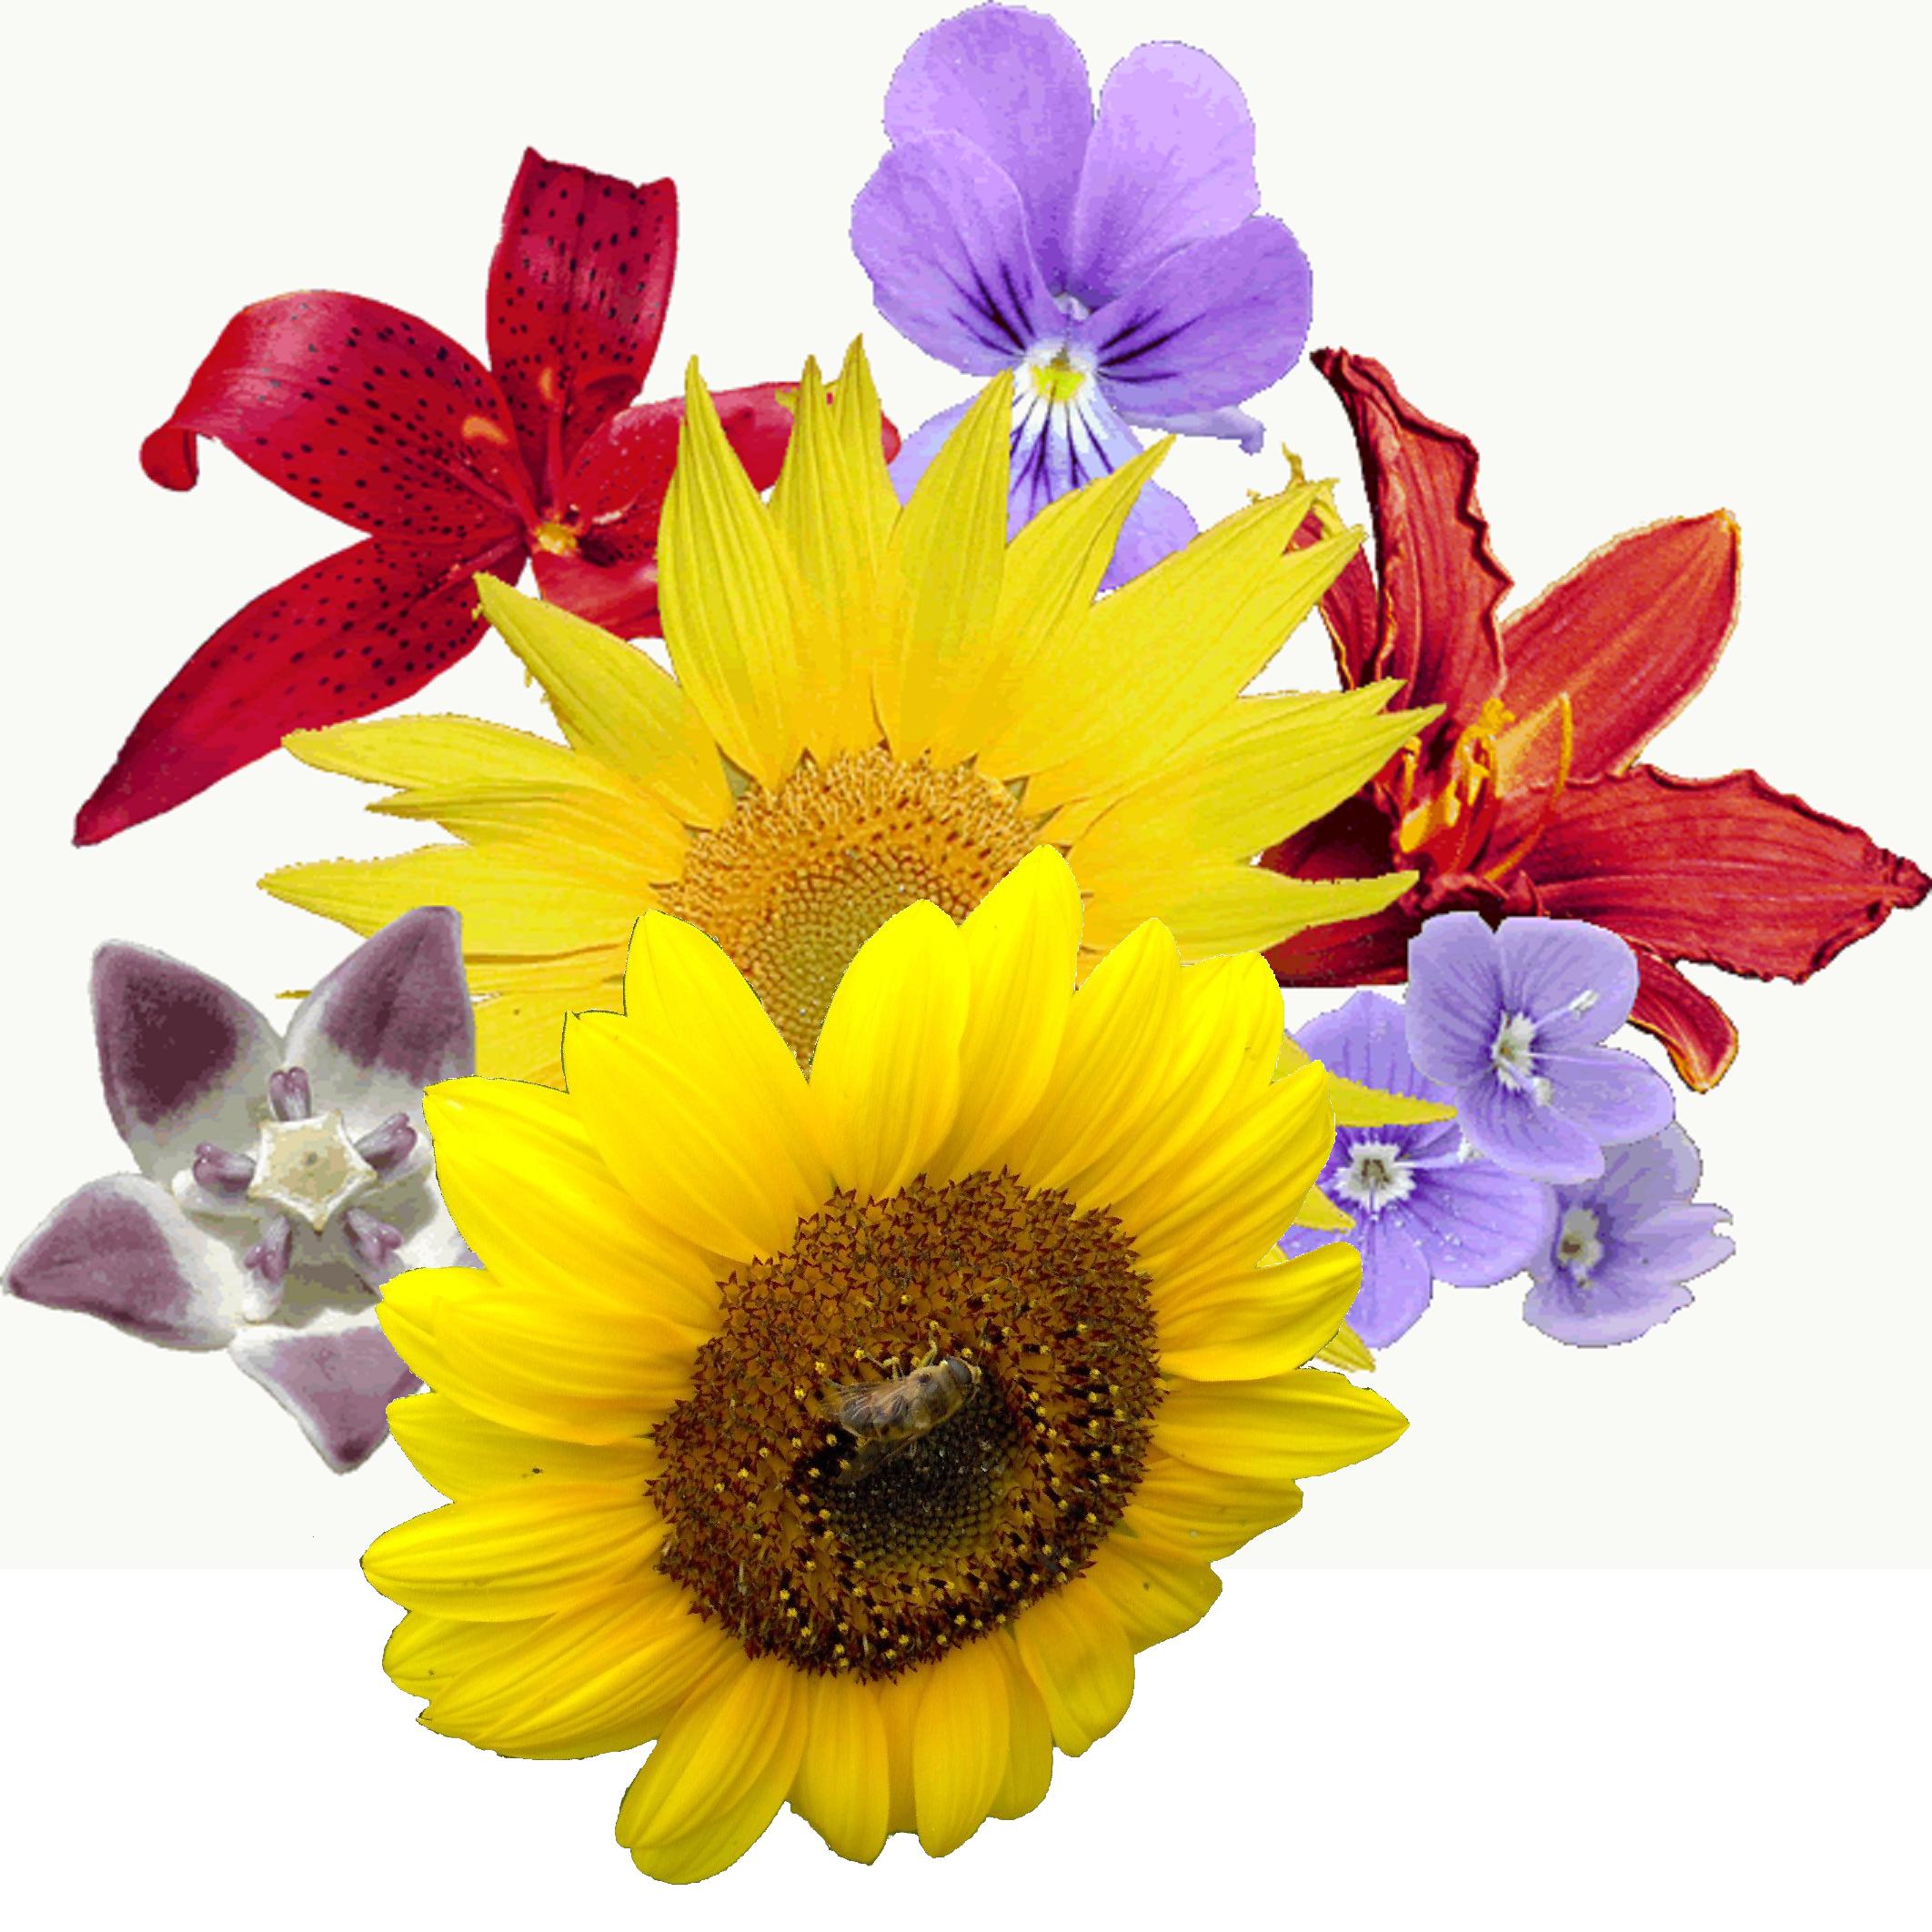 Bosje_bloemen.png (2124×2124)